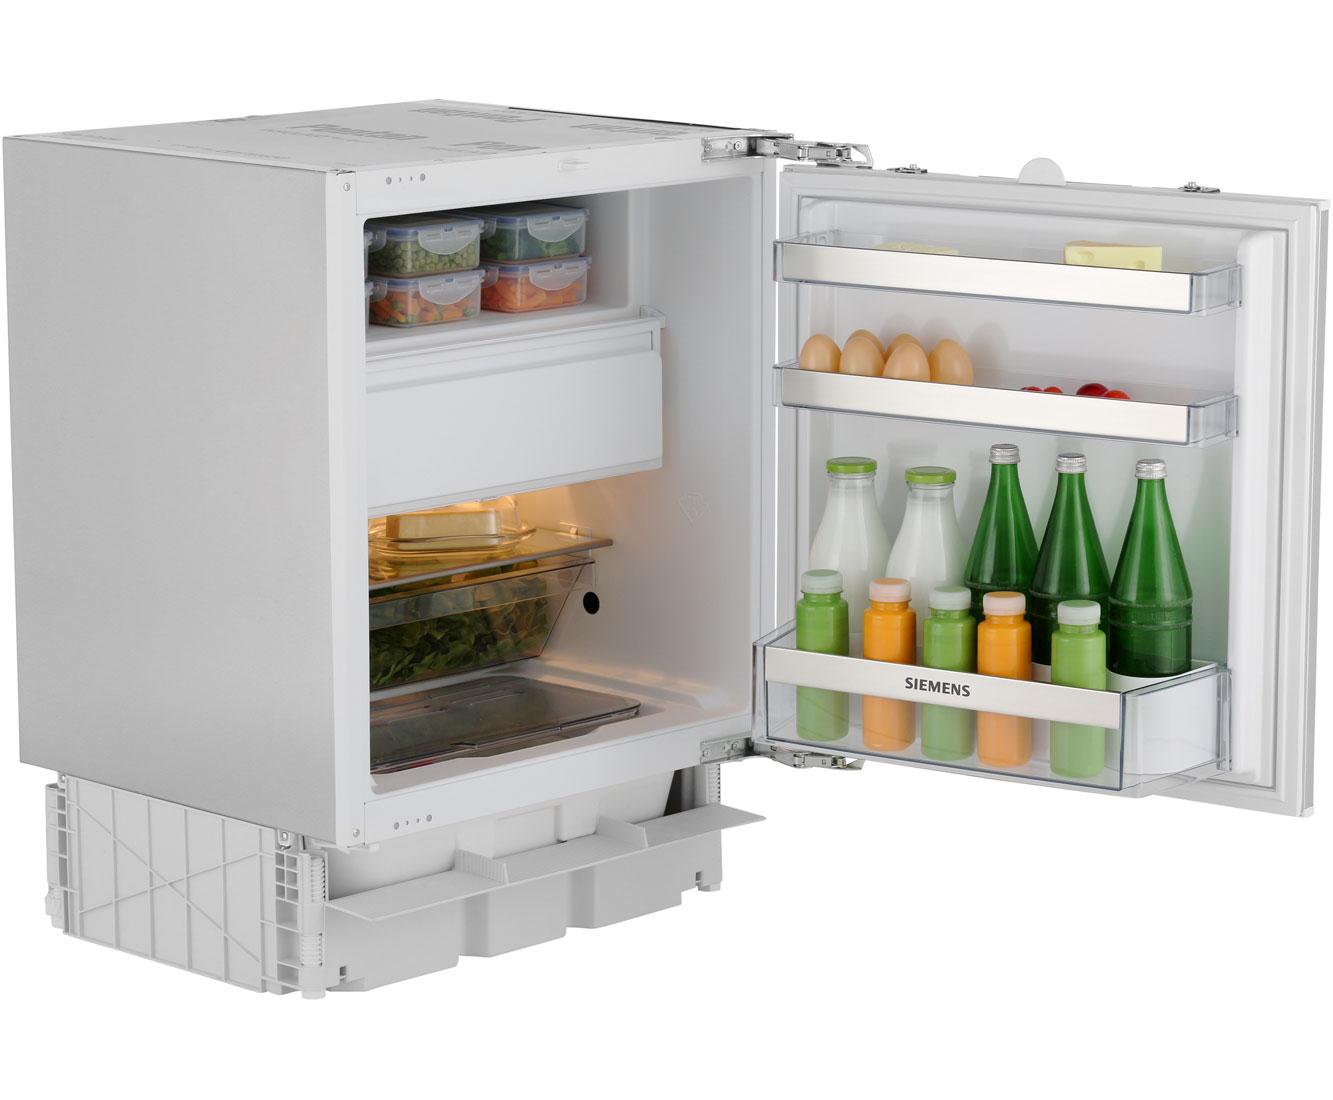 Aeg Unterbau Kühlschrank Dekorfähig : Siemens ku la unterbau kühlschrank mit gefrierfach er